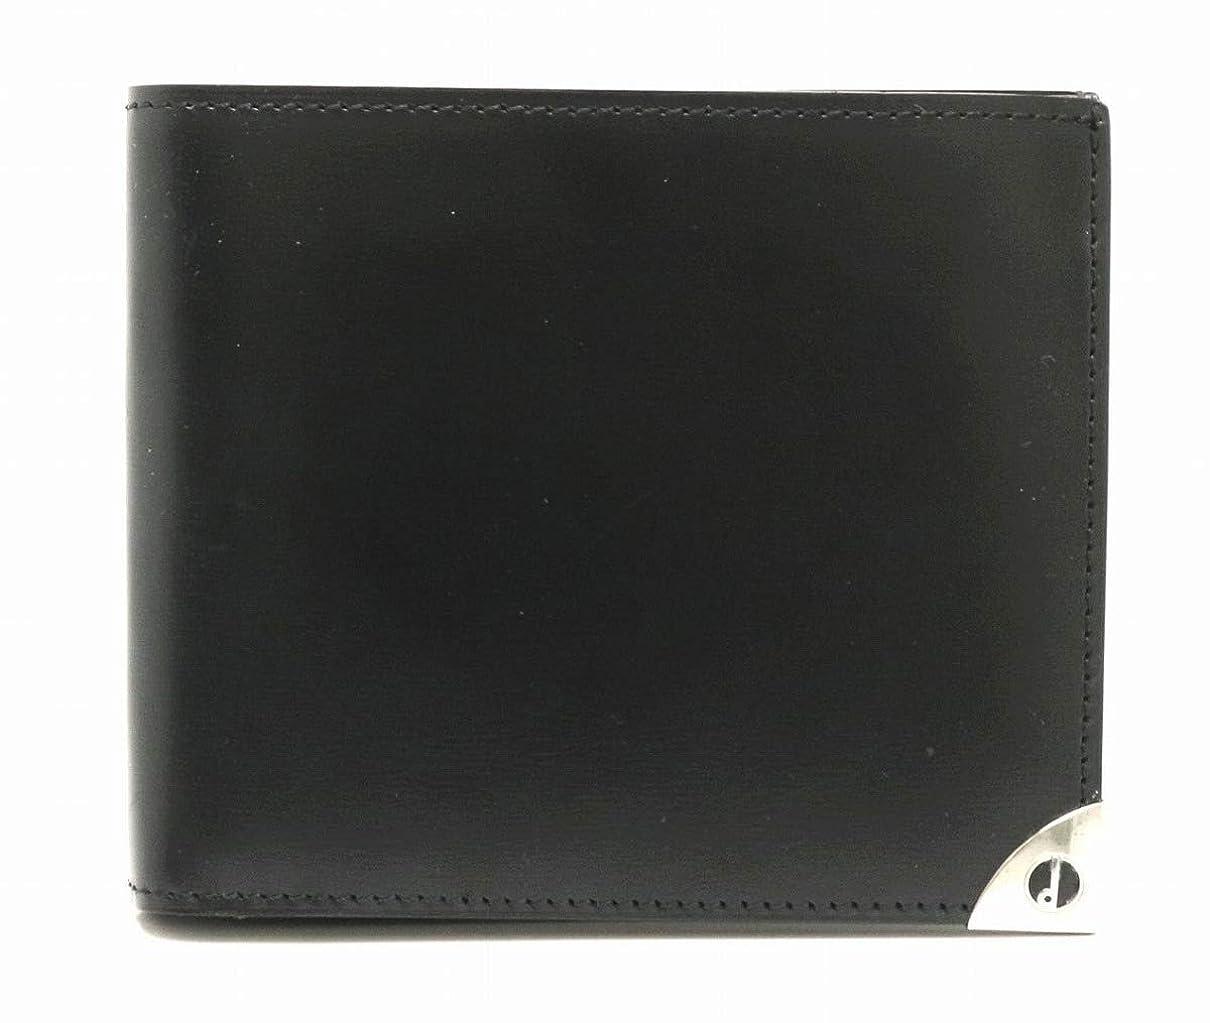 心理的に美容師相関する[ダンヒル] dunhill ロンドンスタイル レザー 2つ折り財布 札入れ ブラック 黒 [中古]